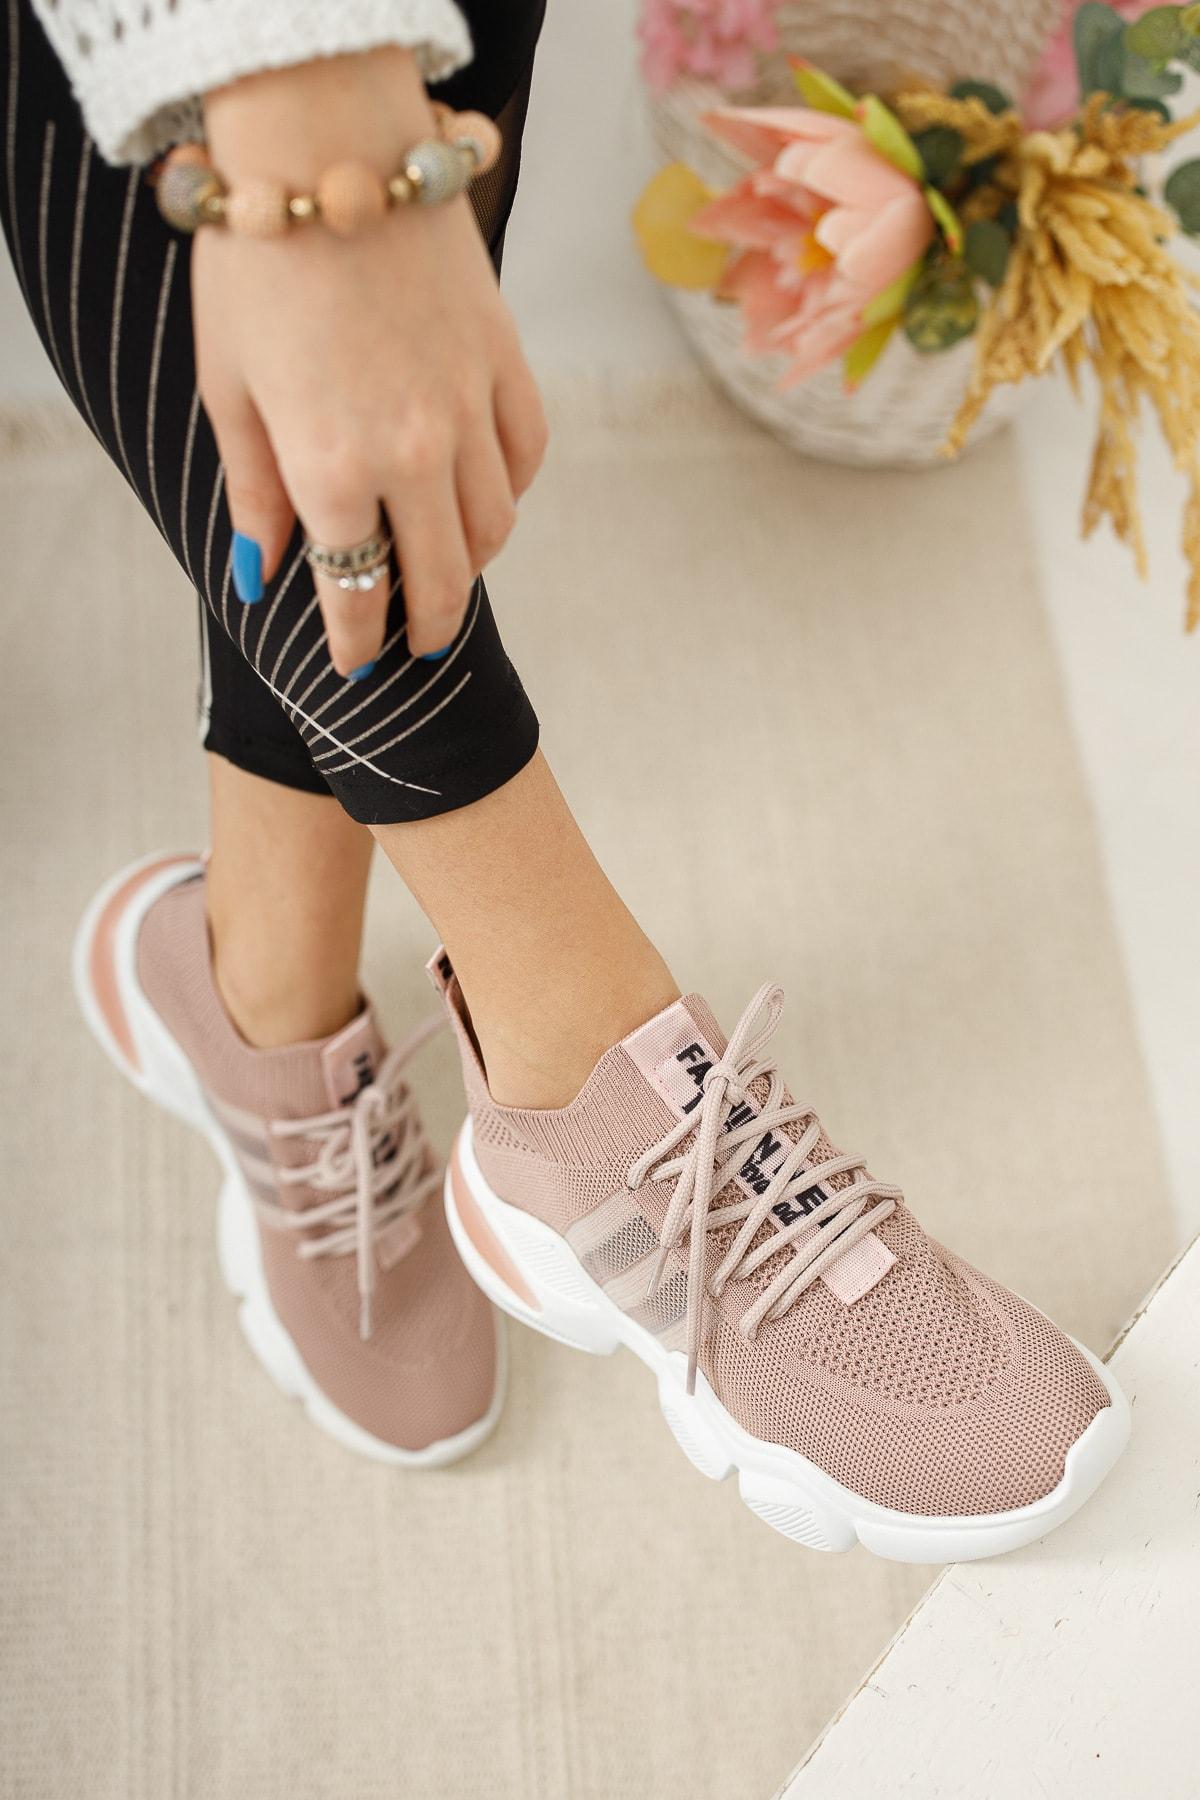 meyra'nın ayakkabıları Pudra Triko Sneakar